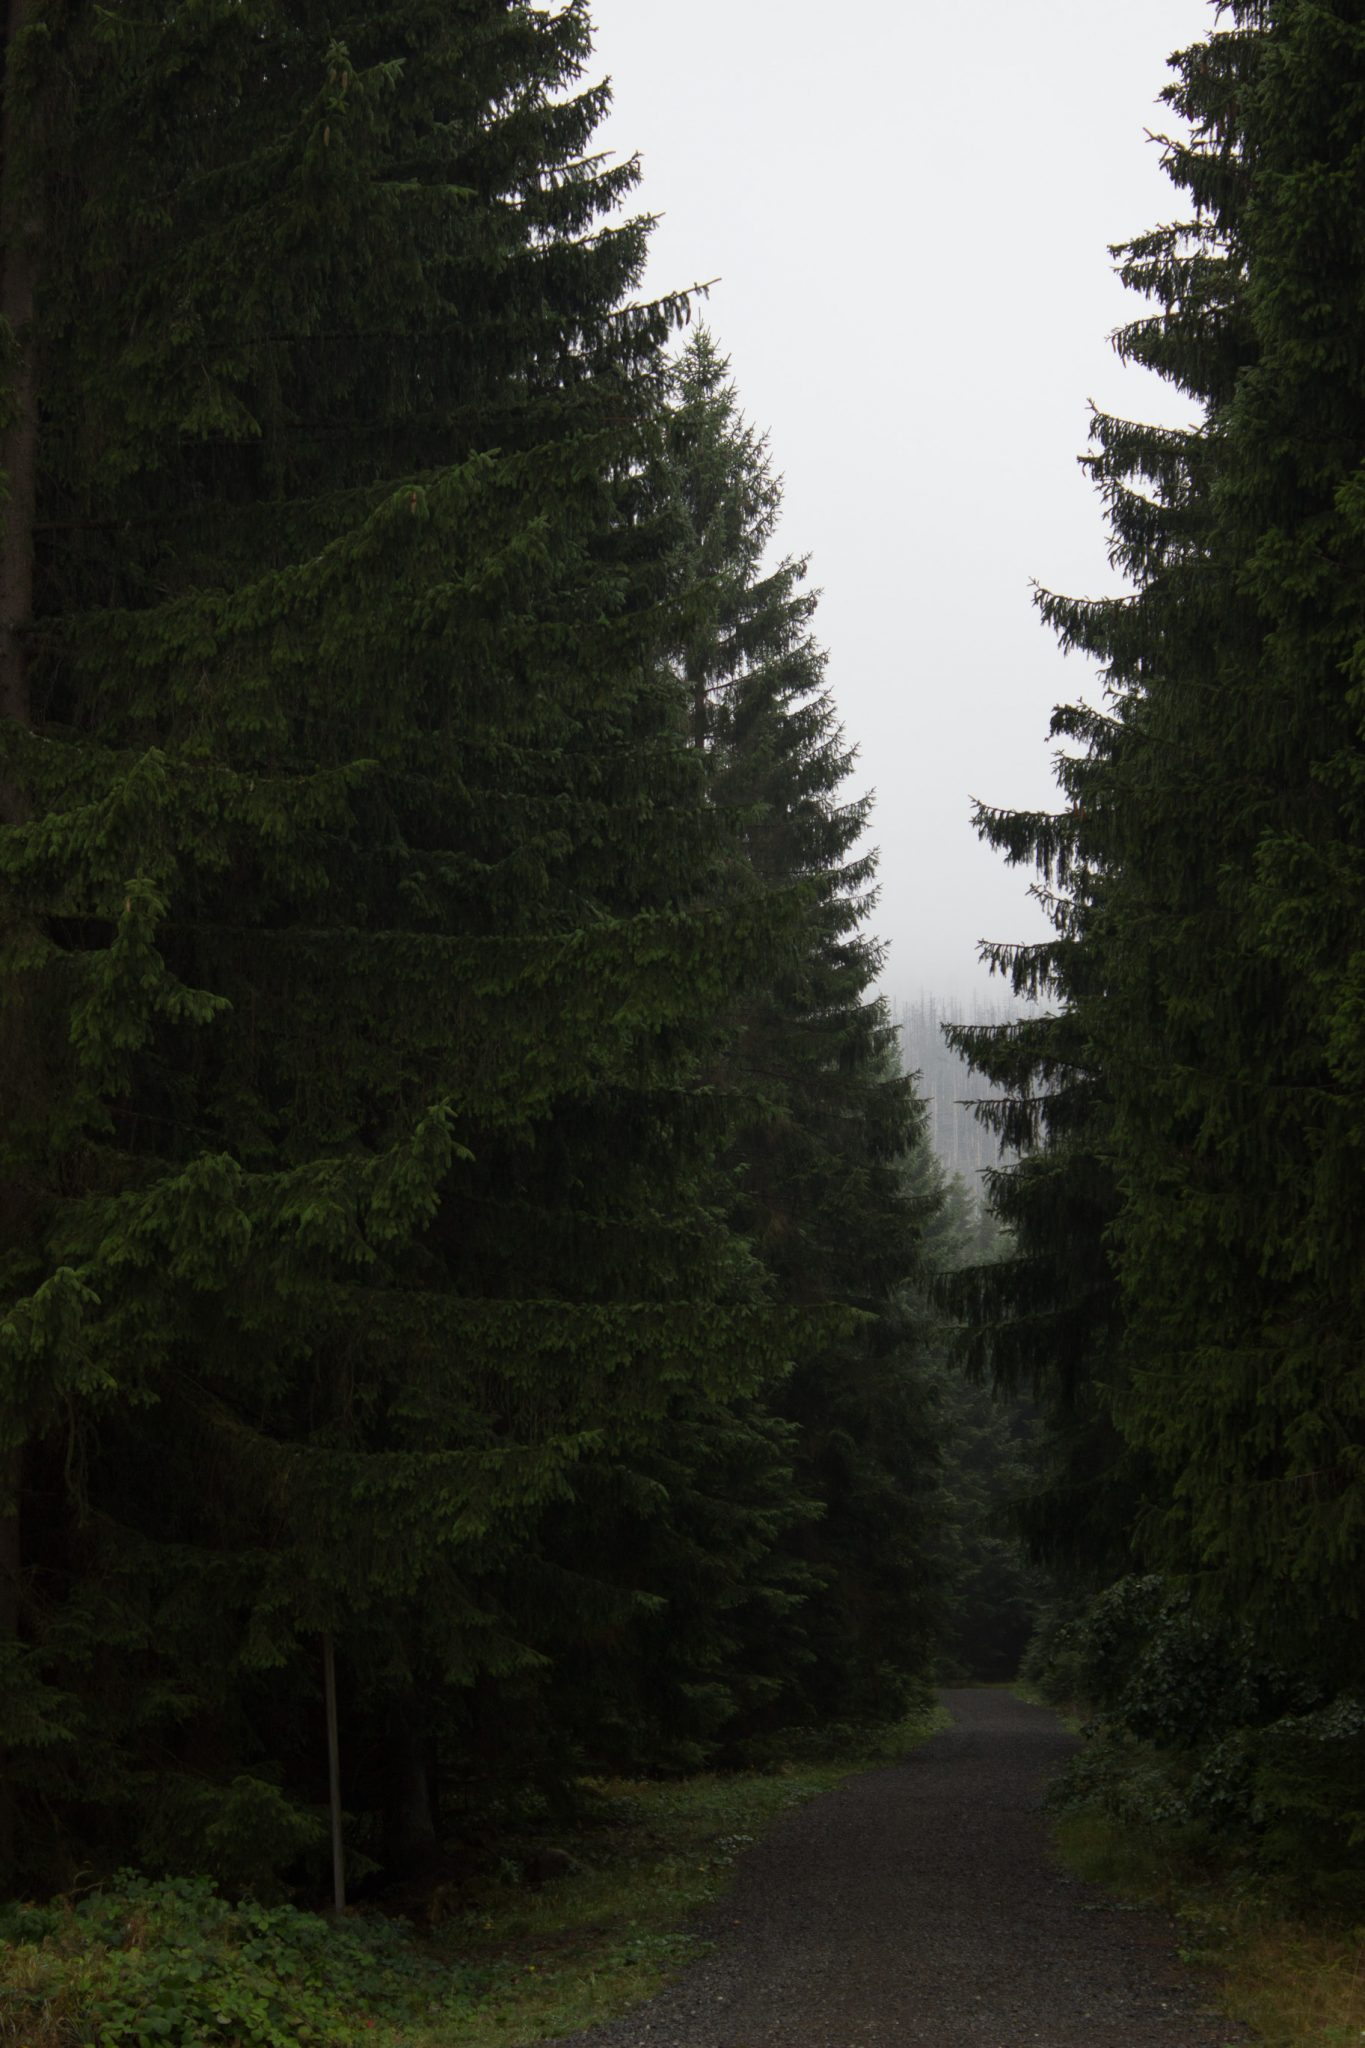 Wanderung Brocken über Heinrich-Heine-Weg Start in Ilsenburg, Nationalpark Harz, triste Stimmung, steiniger Weg zum Brocken. ringsum Wald mit hohen Tannen